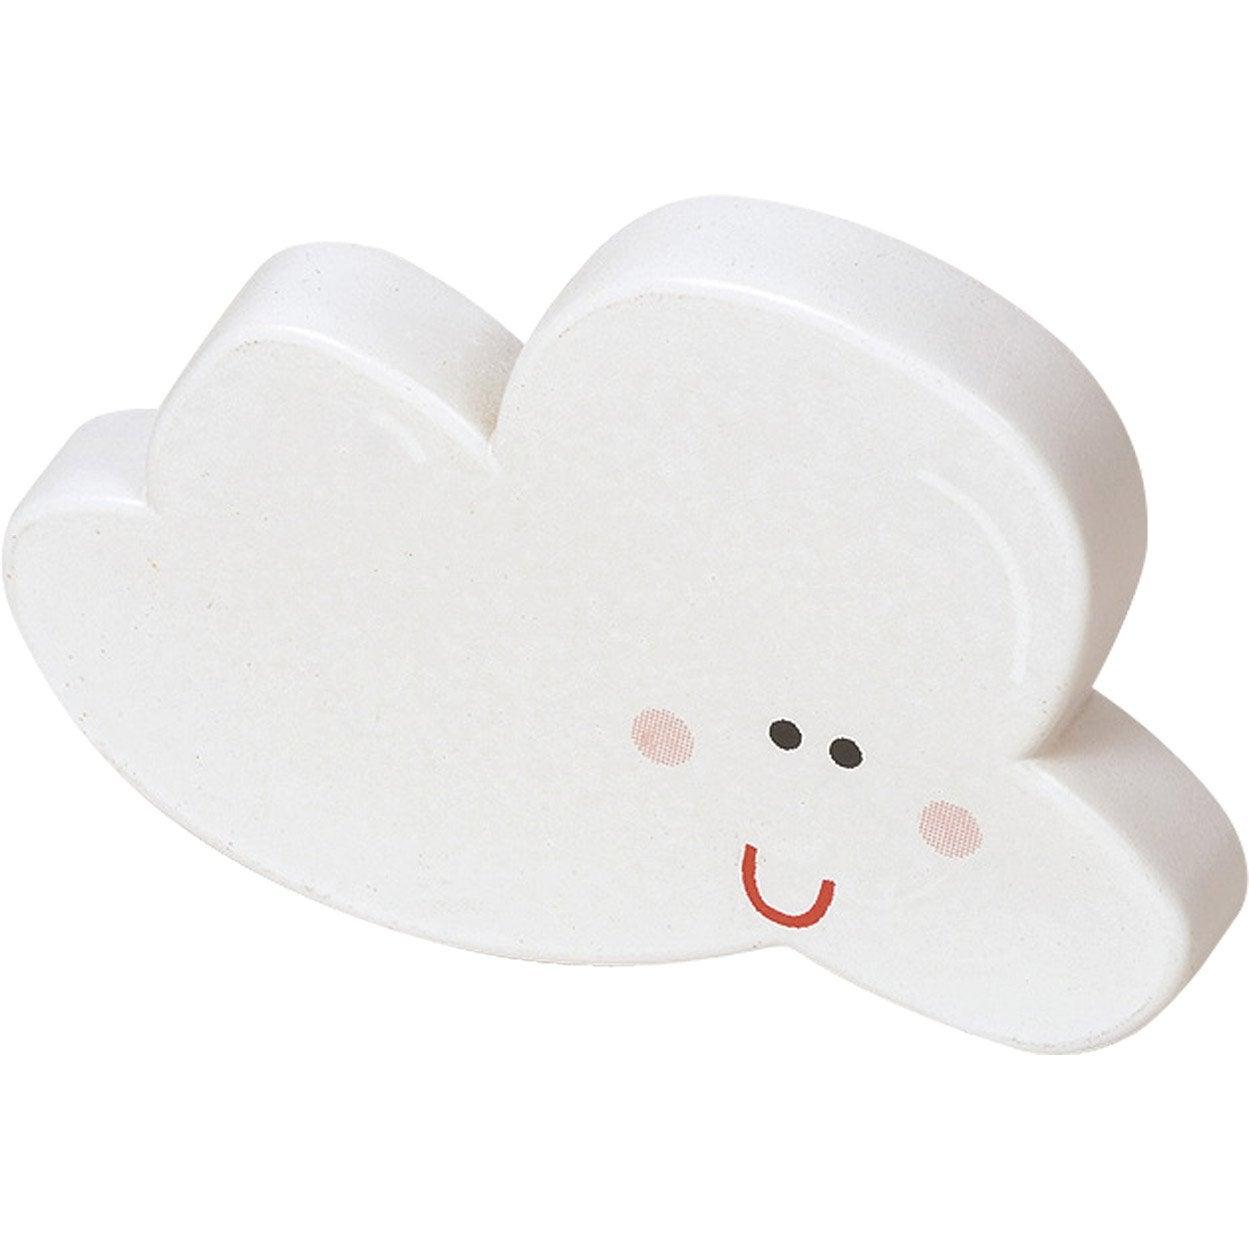 Bouton de meuble en plastique mat s rie nuage leroy merlin - Meuble en plastique ...